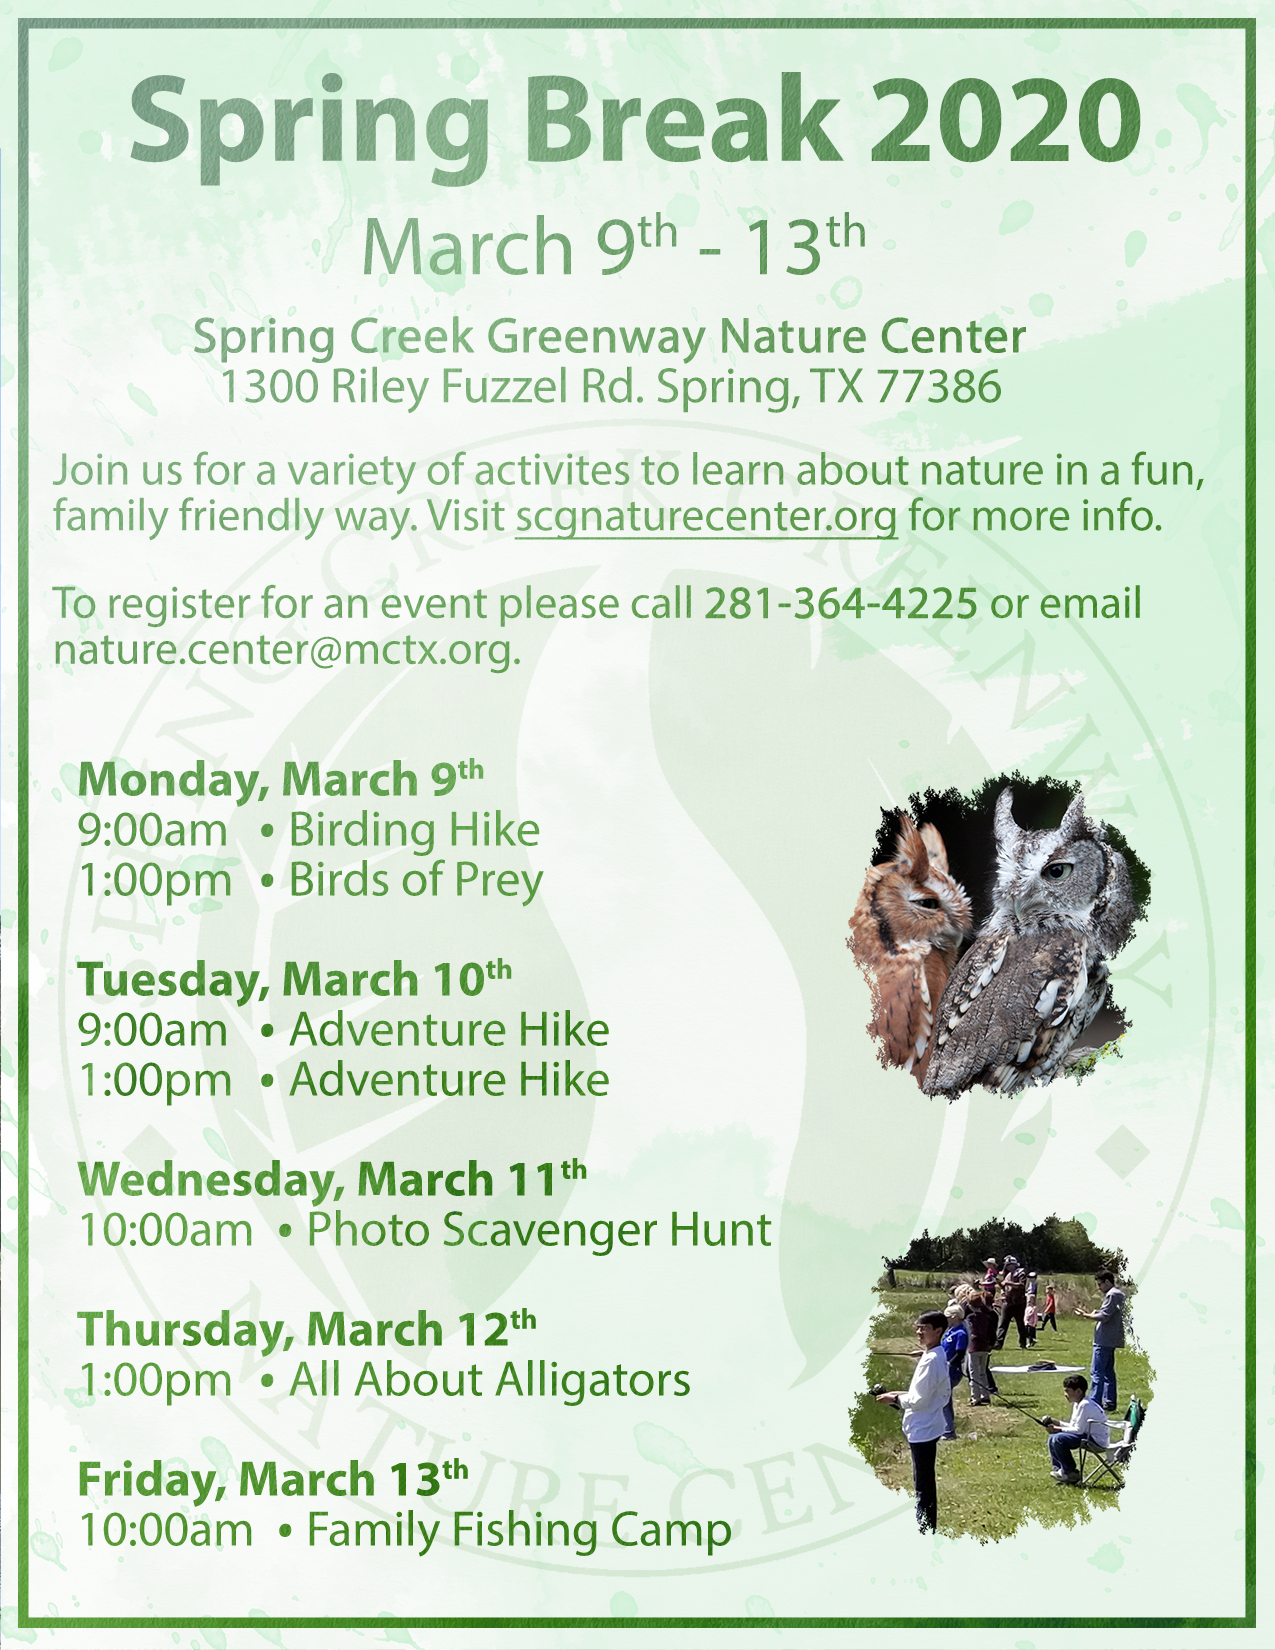 Spring Break Week 2020 Flyer